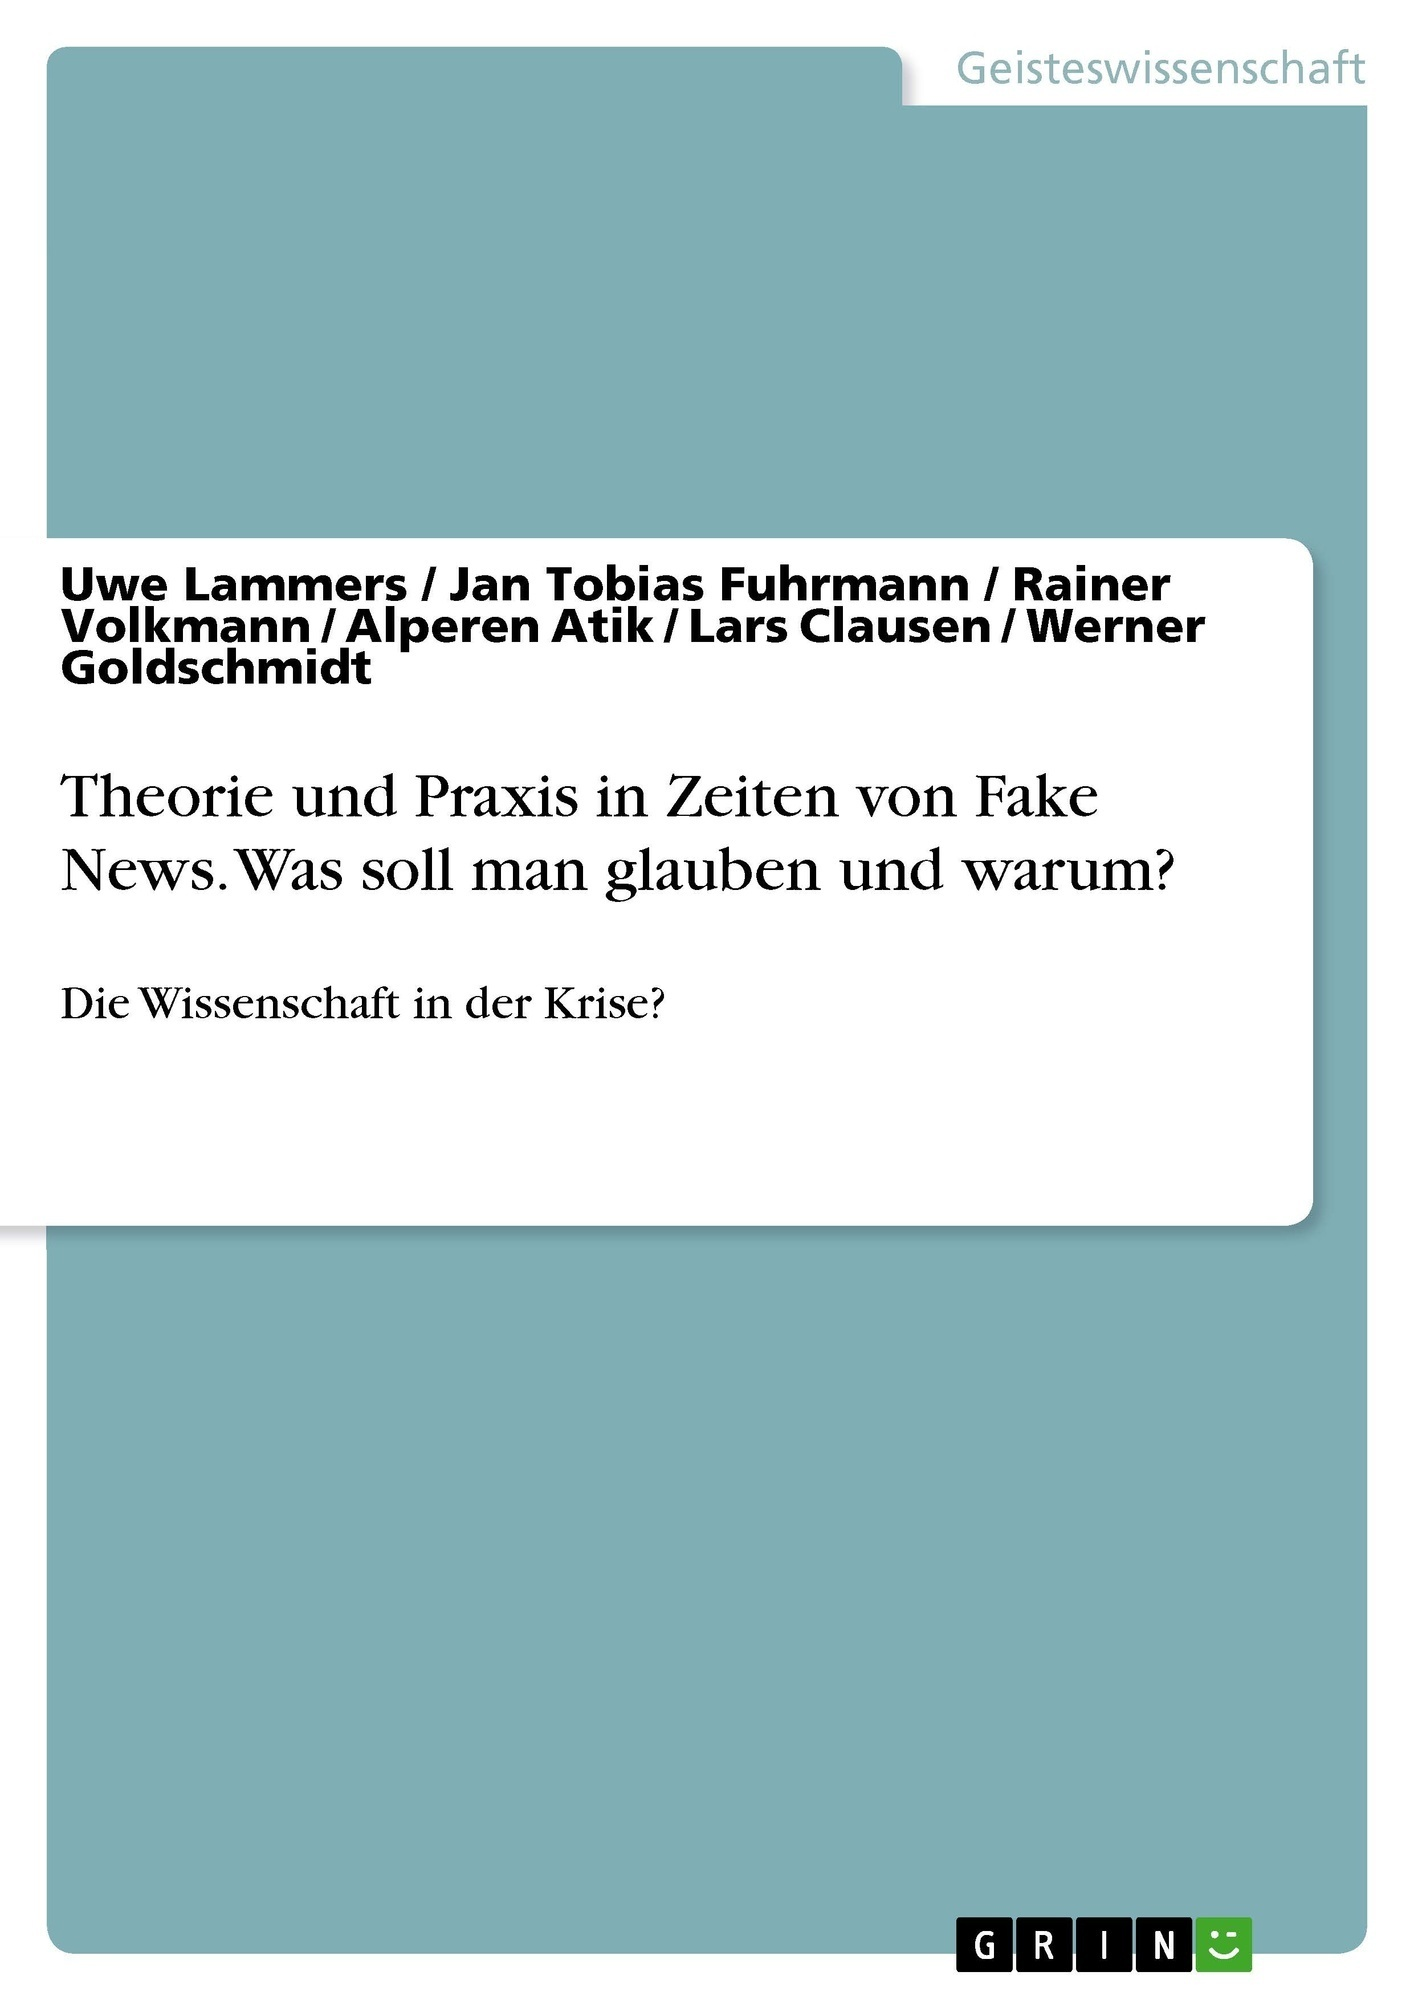 Titel: Theorie und Praxis in Zeiten von Fake News. Was soll man glauben und warum?